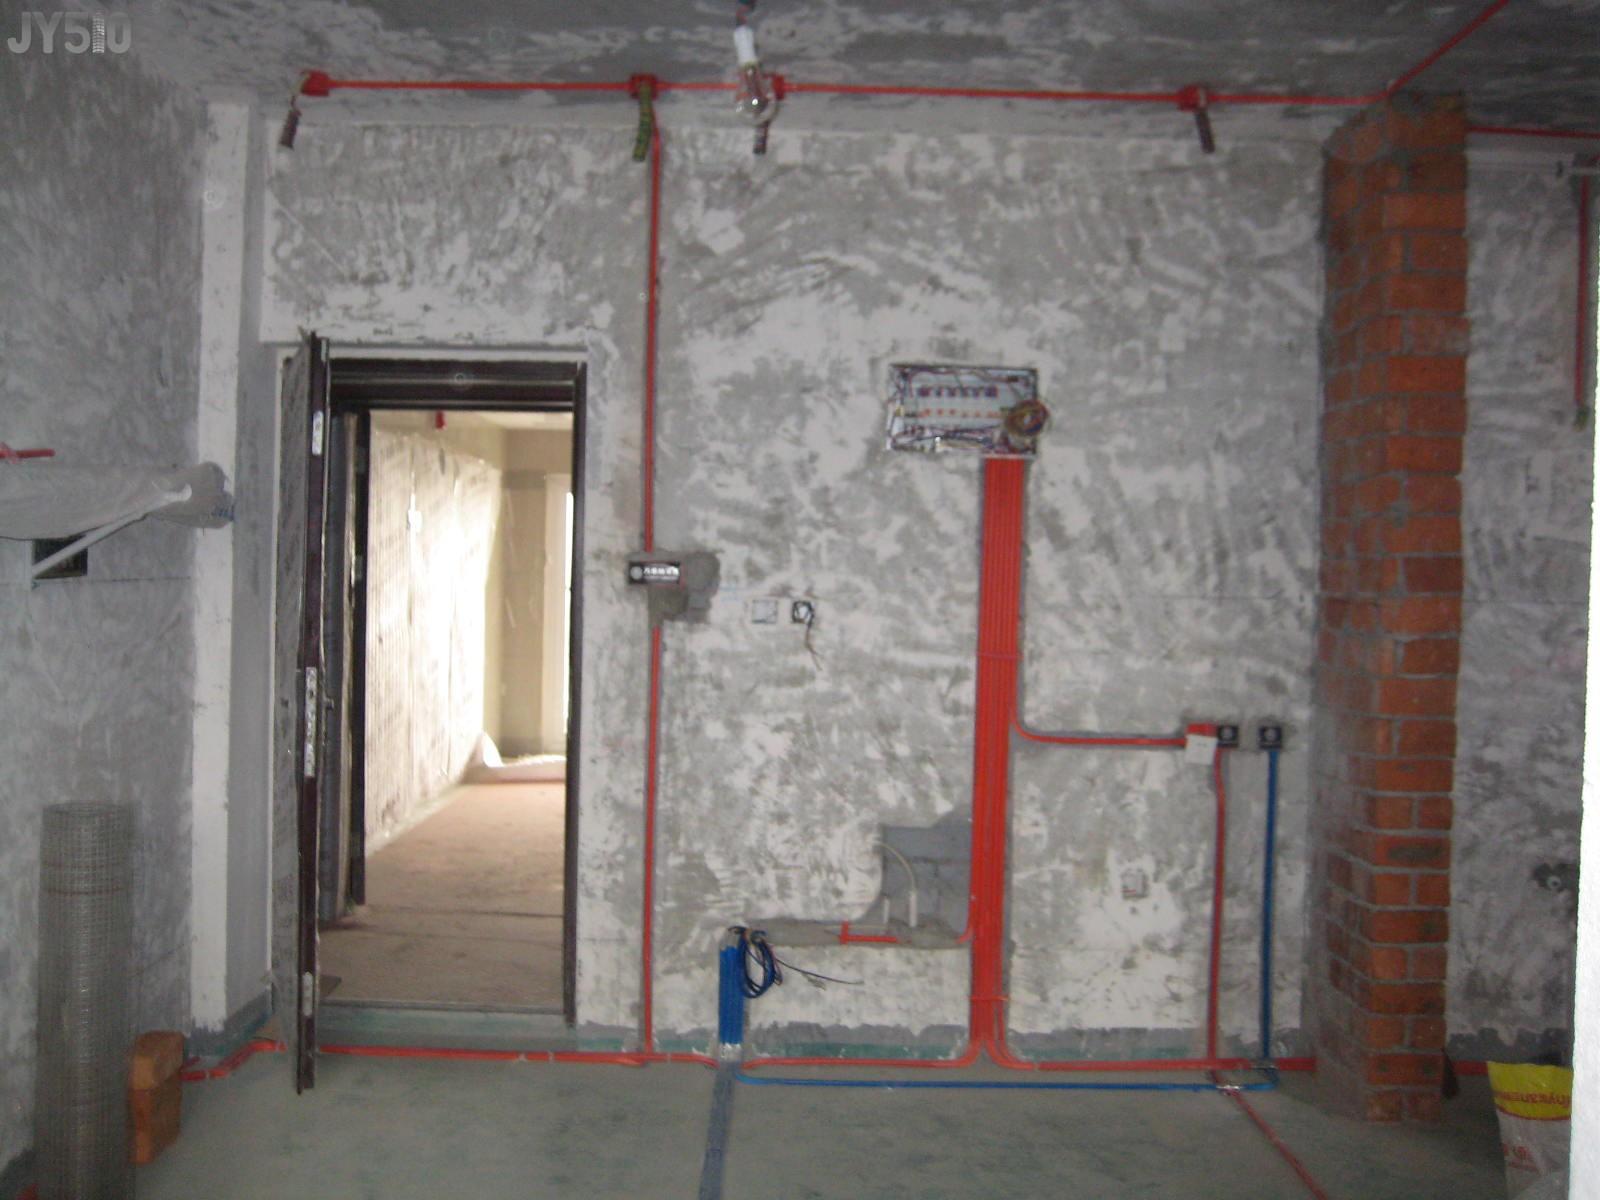 室内装修施工工艺流程,室内装修施工流程,室内装修施工流程图